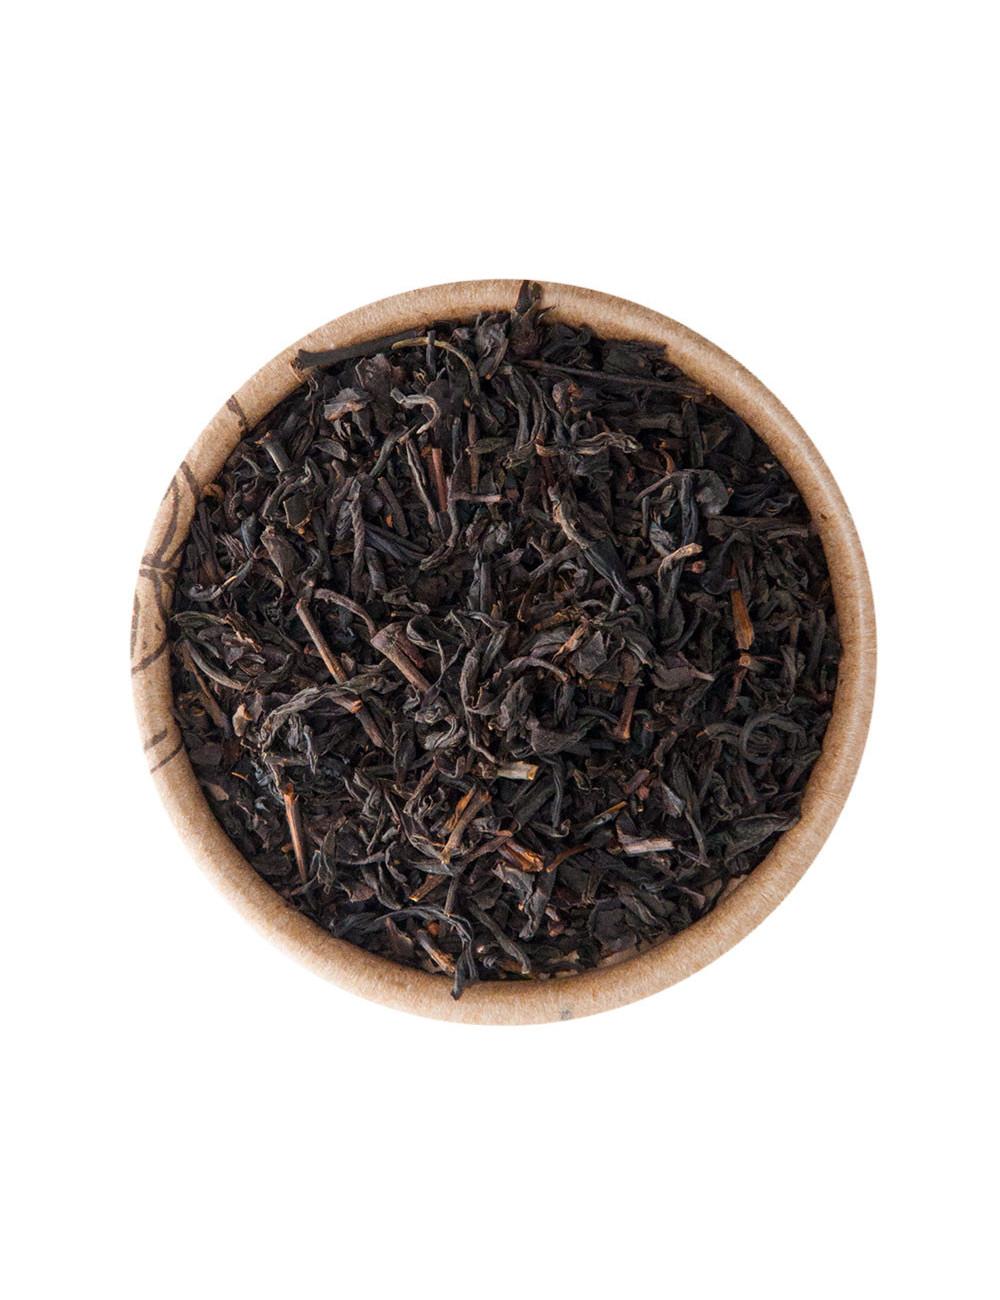 Tarry Lapsang Souchong tè nero - La Pianta del Tè shop online